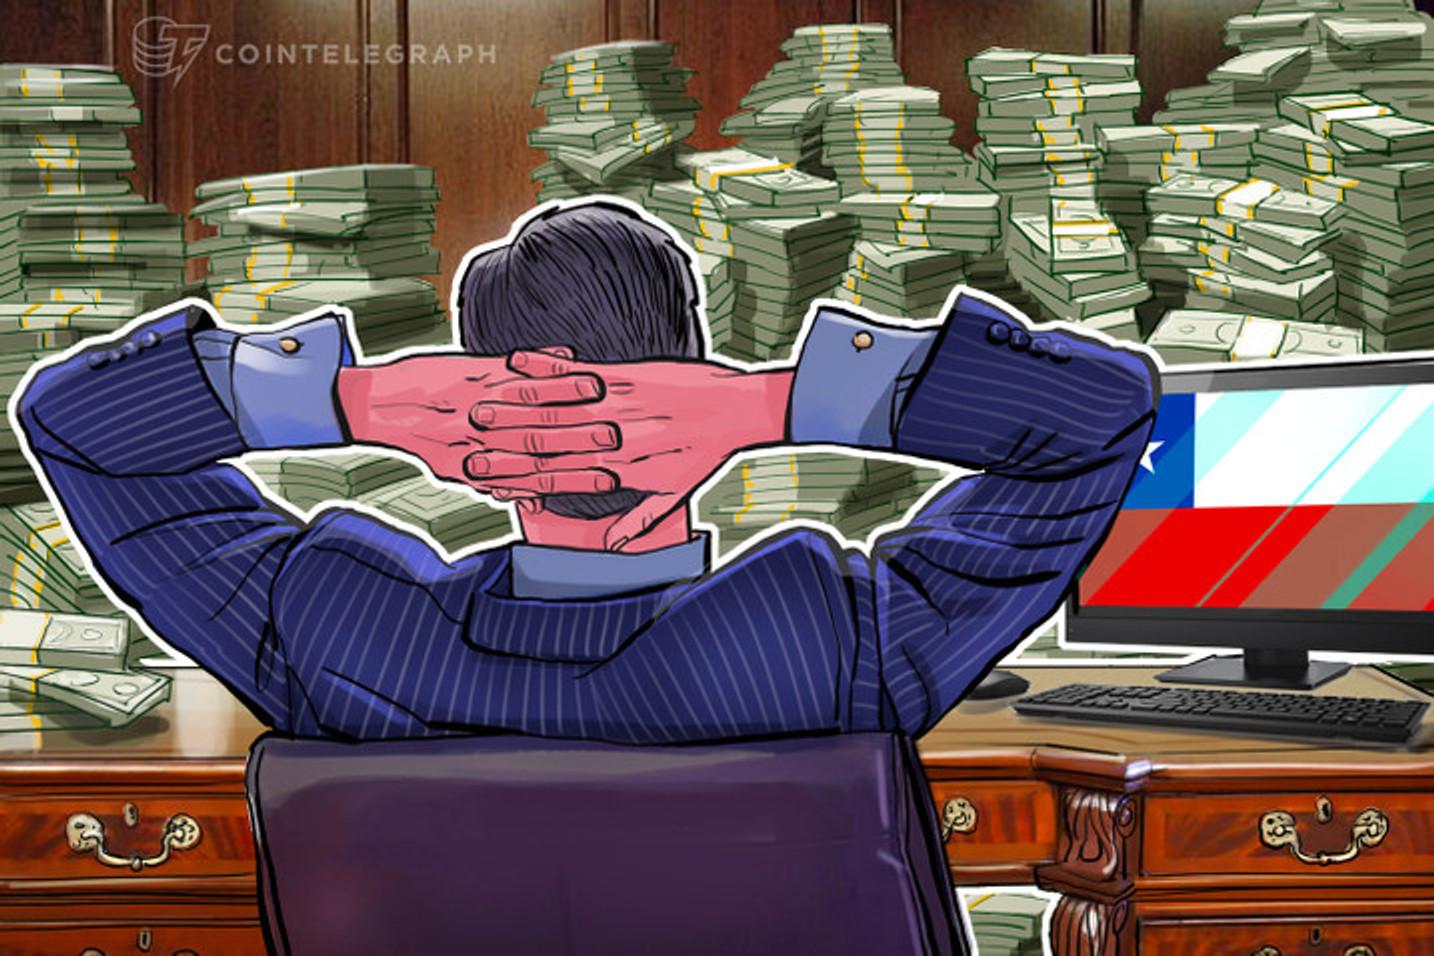 Fondo de financiamiento en Chile: Factoring y Fintech podrían participar como intermediarios